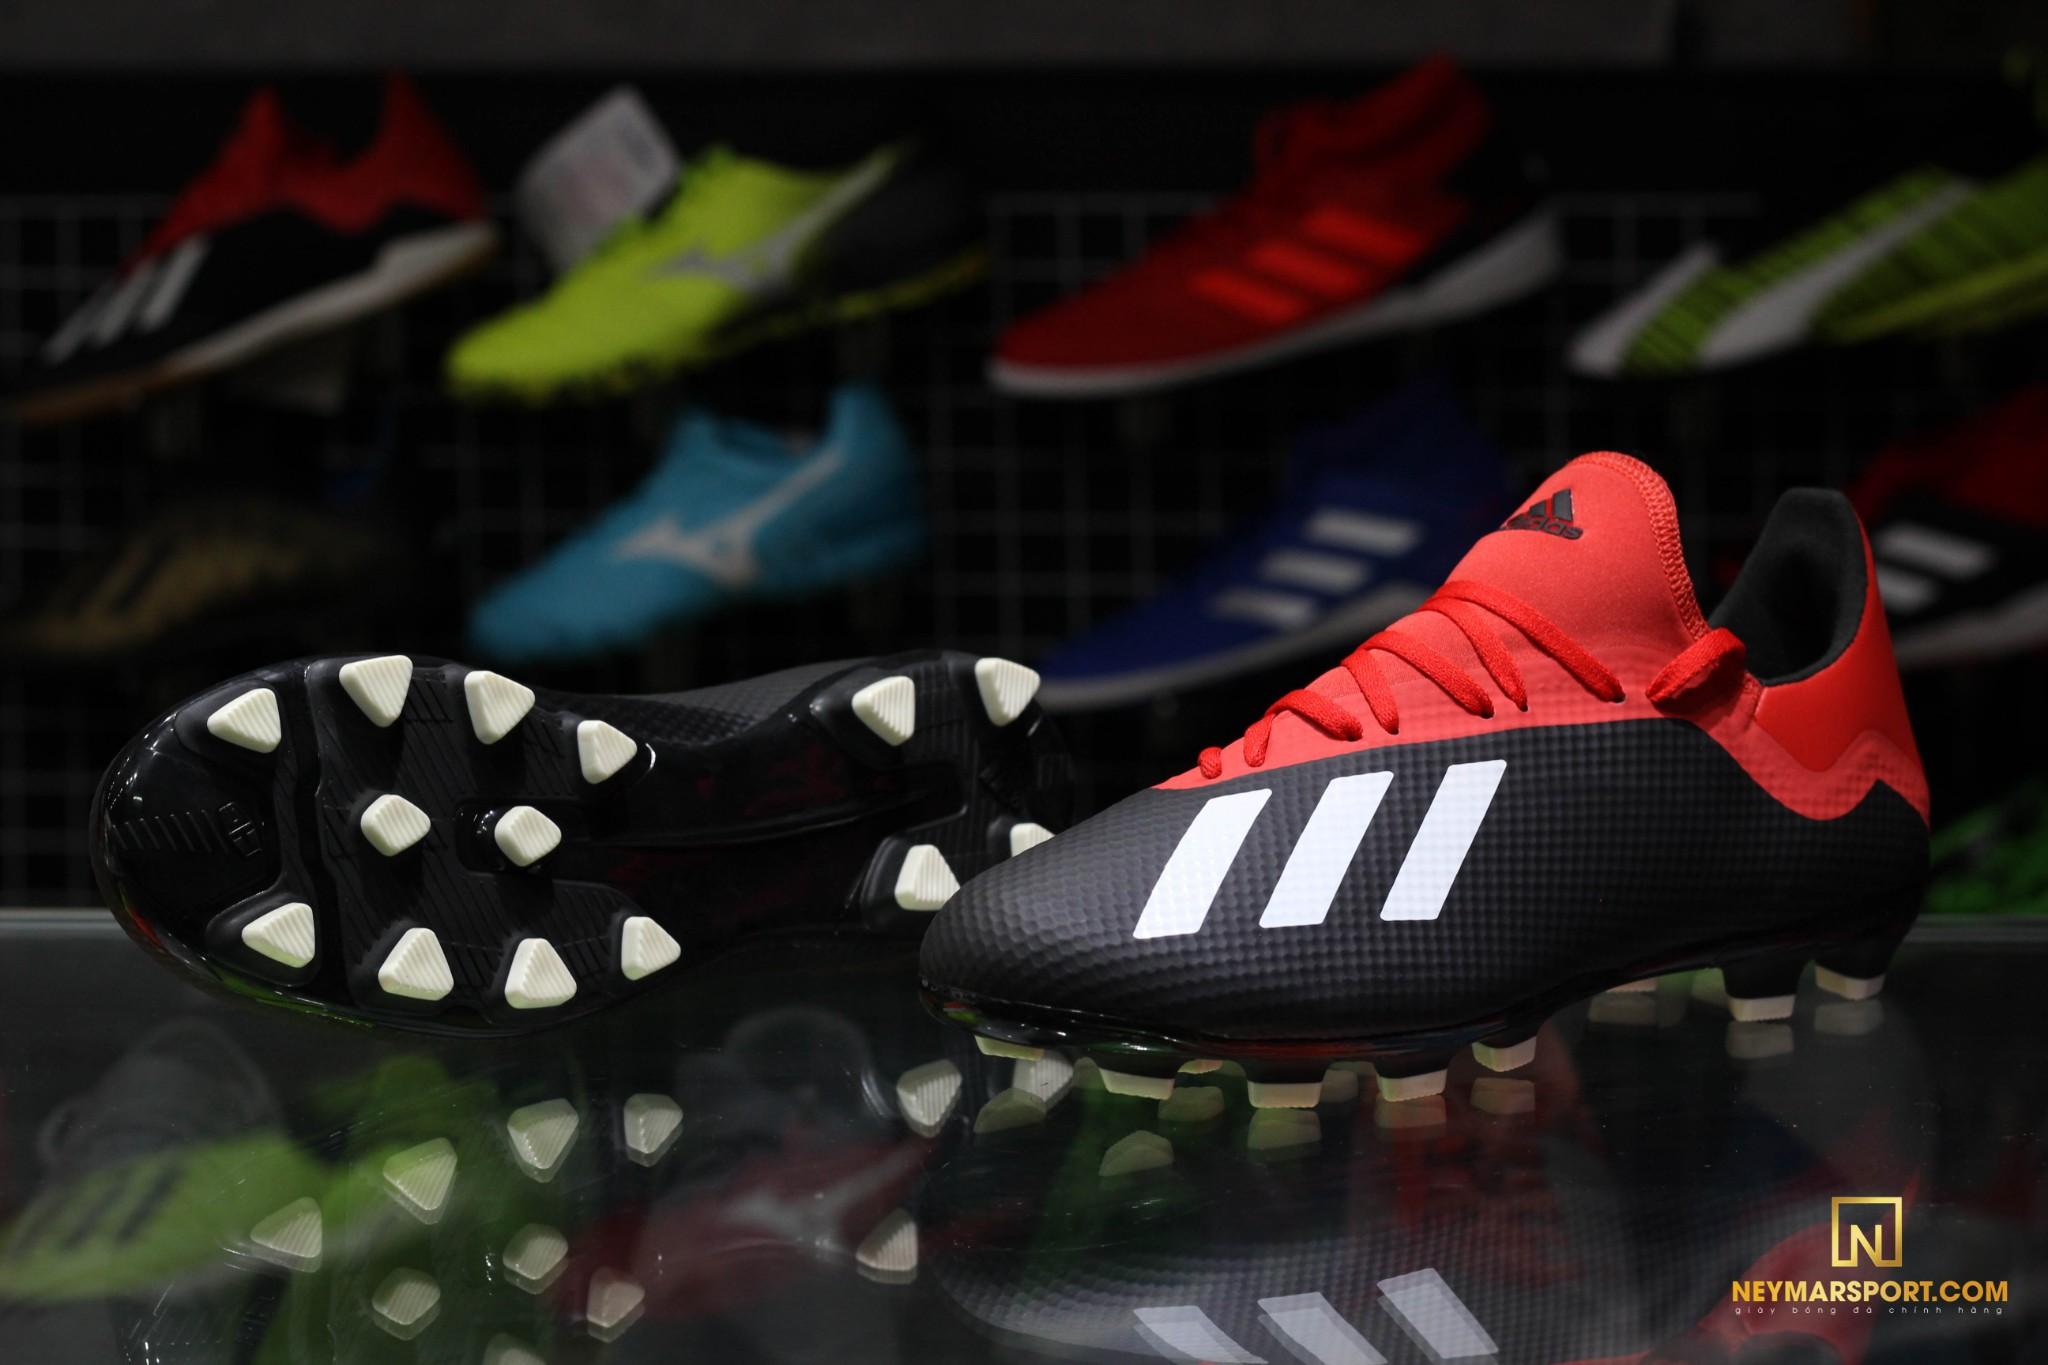 Giày đá banh chính hãng. Giày đá banh Adidas. Adidas Tango X 18.3